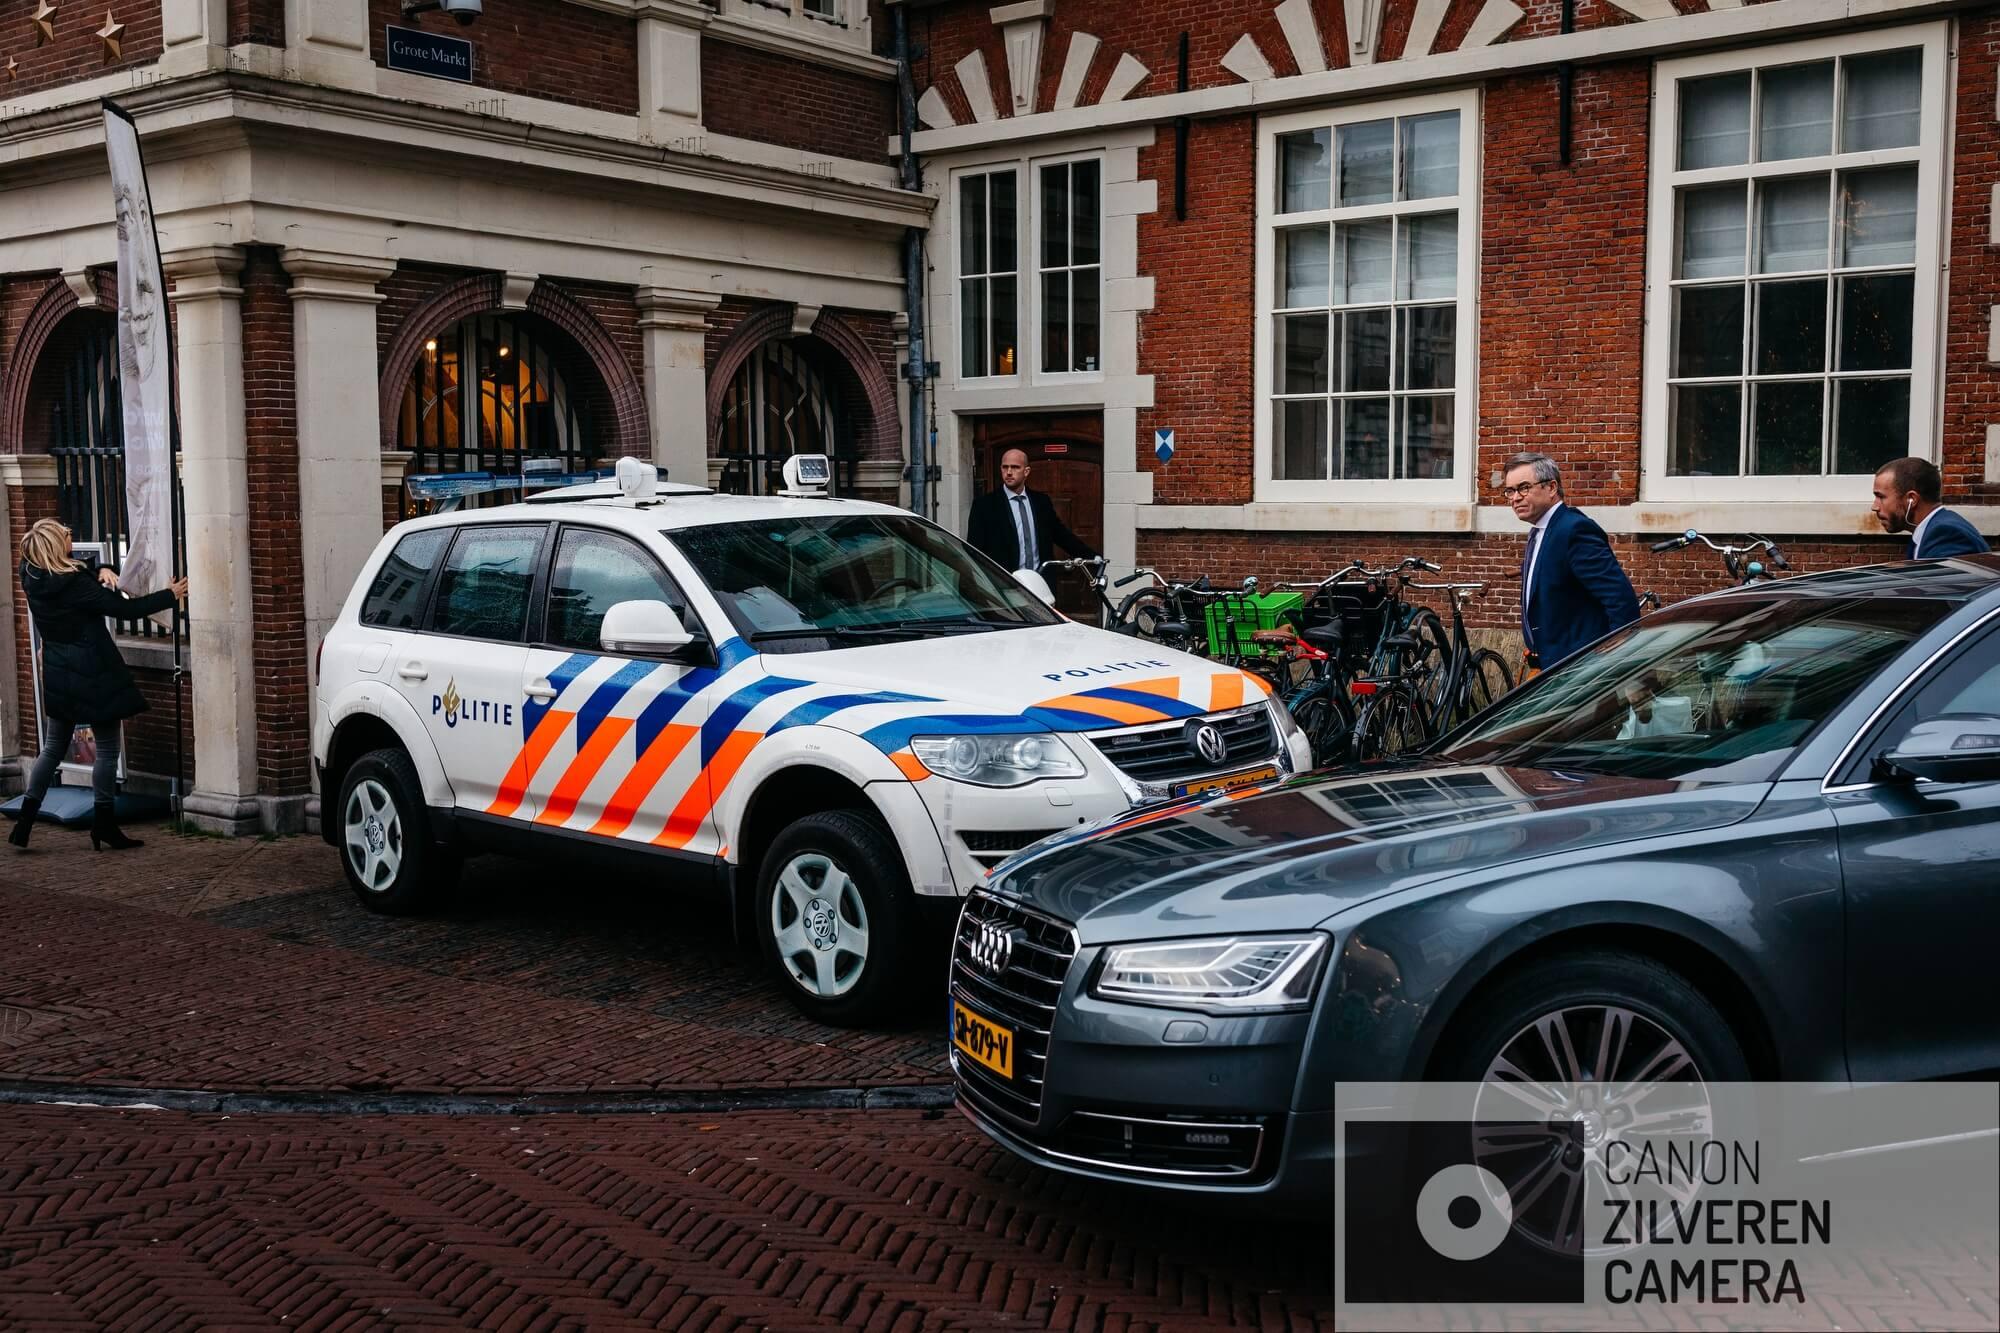 01.Burgemeester Jos Wienen komt aan bij het Stadhuis van Haarlem op de Grote Markt. Ondertussen gaat de VVV open.